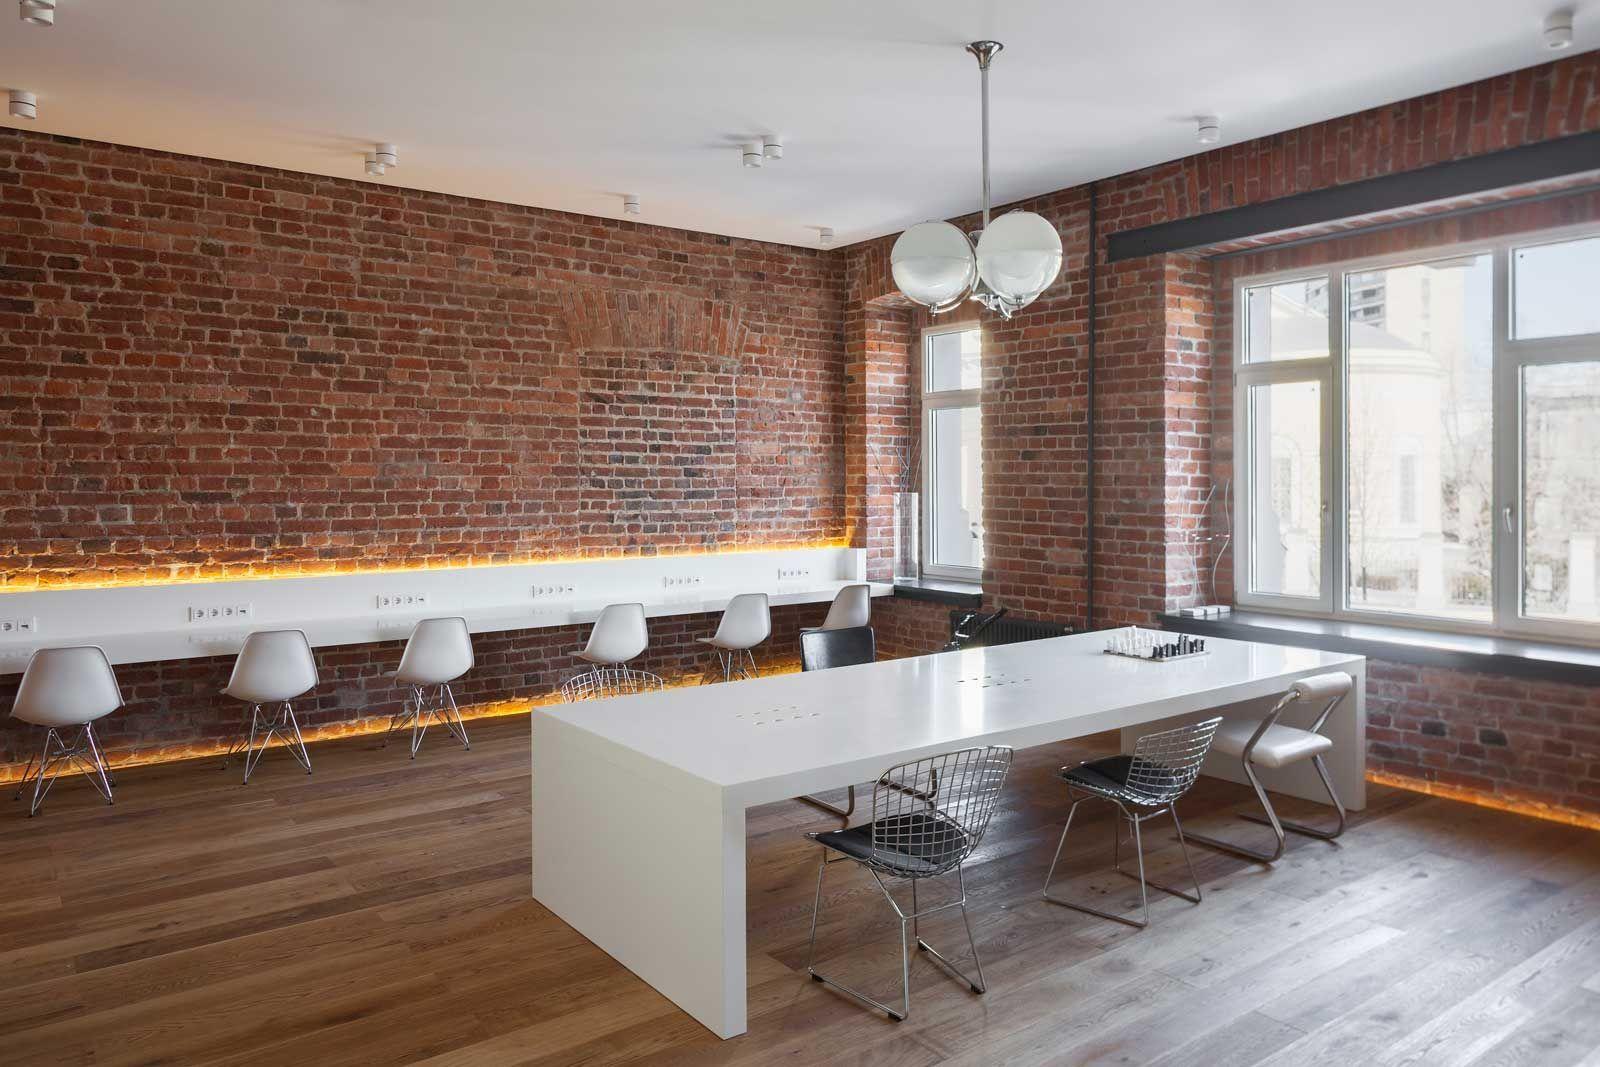 4a architekten gmbh stuttgart architekten baunetz for Salle a manger loft